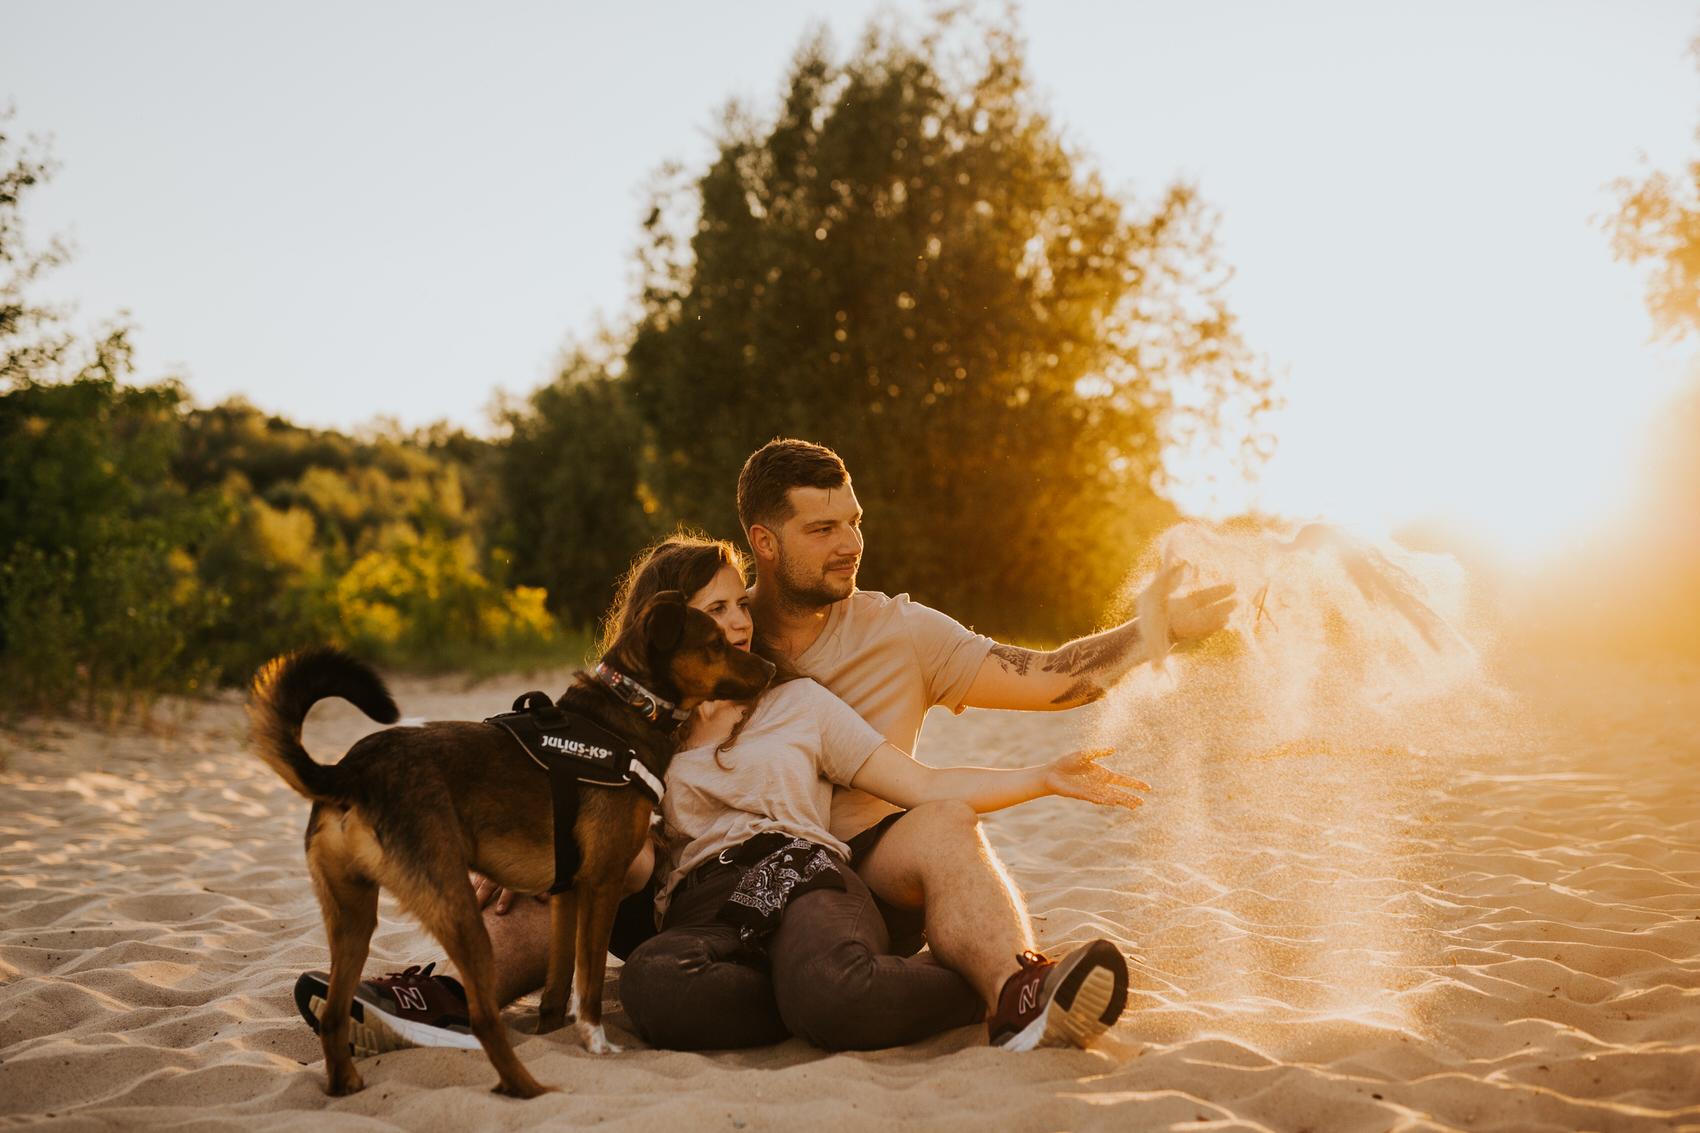 sesja narzeczeńska Wisła warszawa Goczkowski Górecka fotograf ślubny warszawa zachód słońca sesja z psami